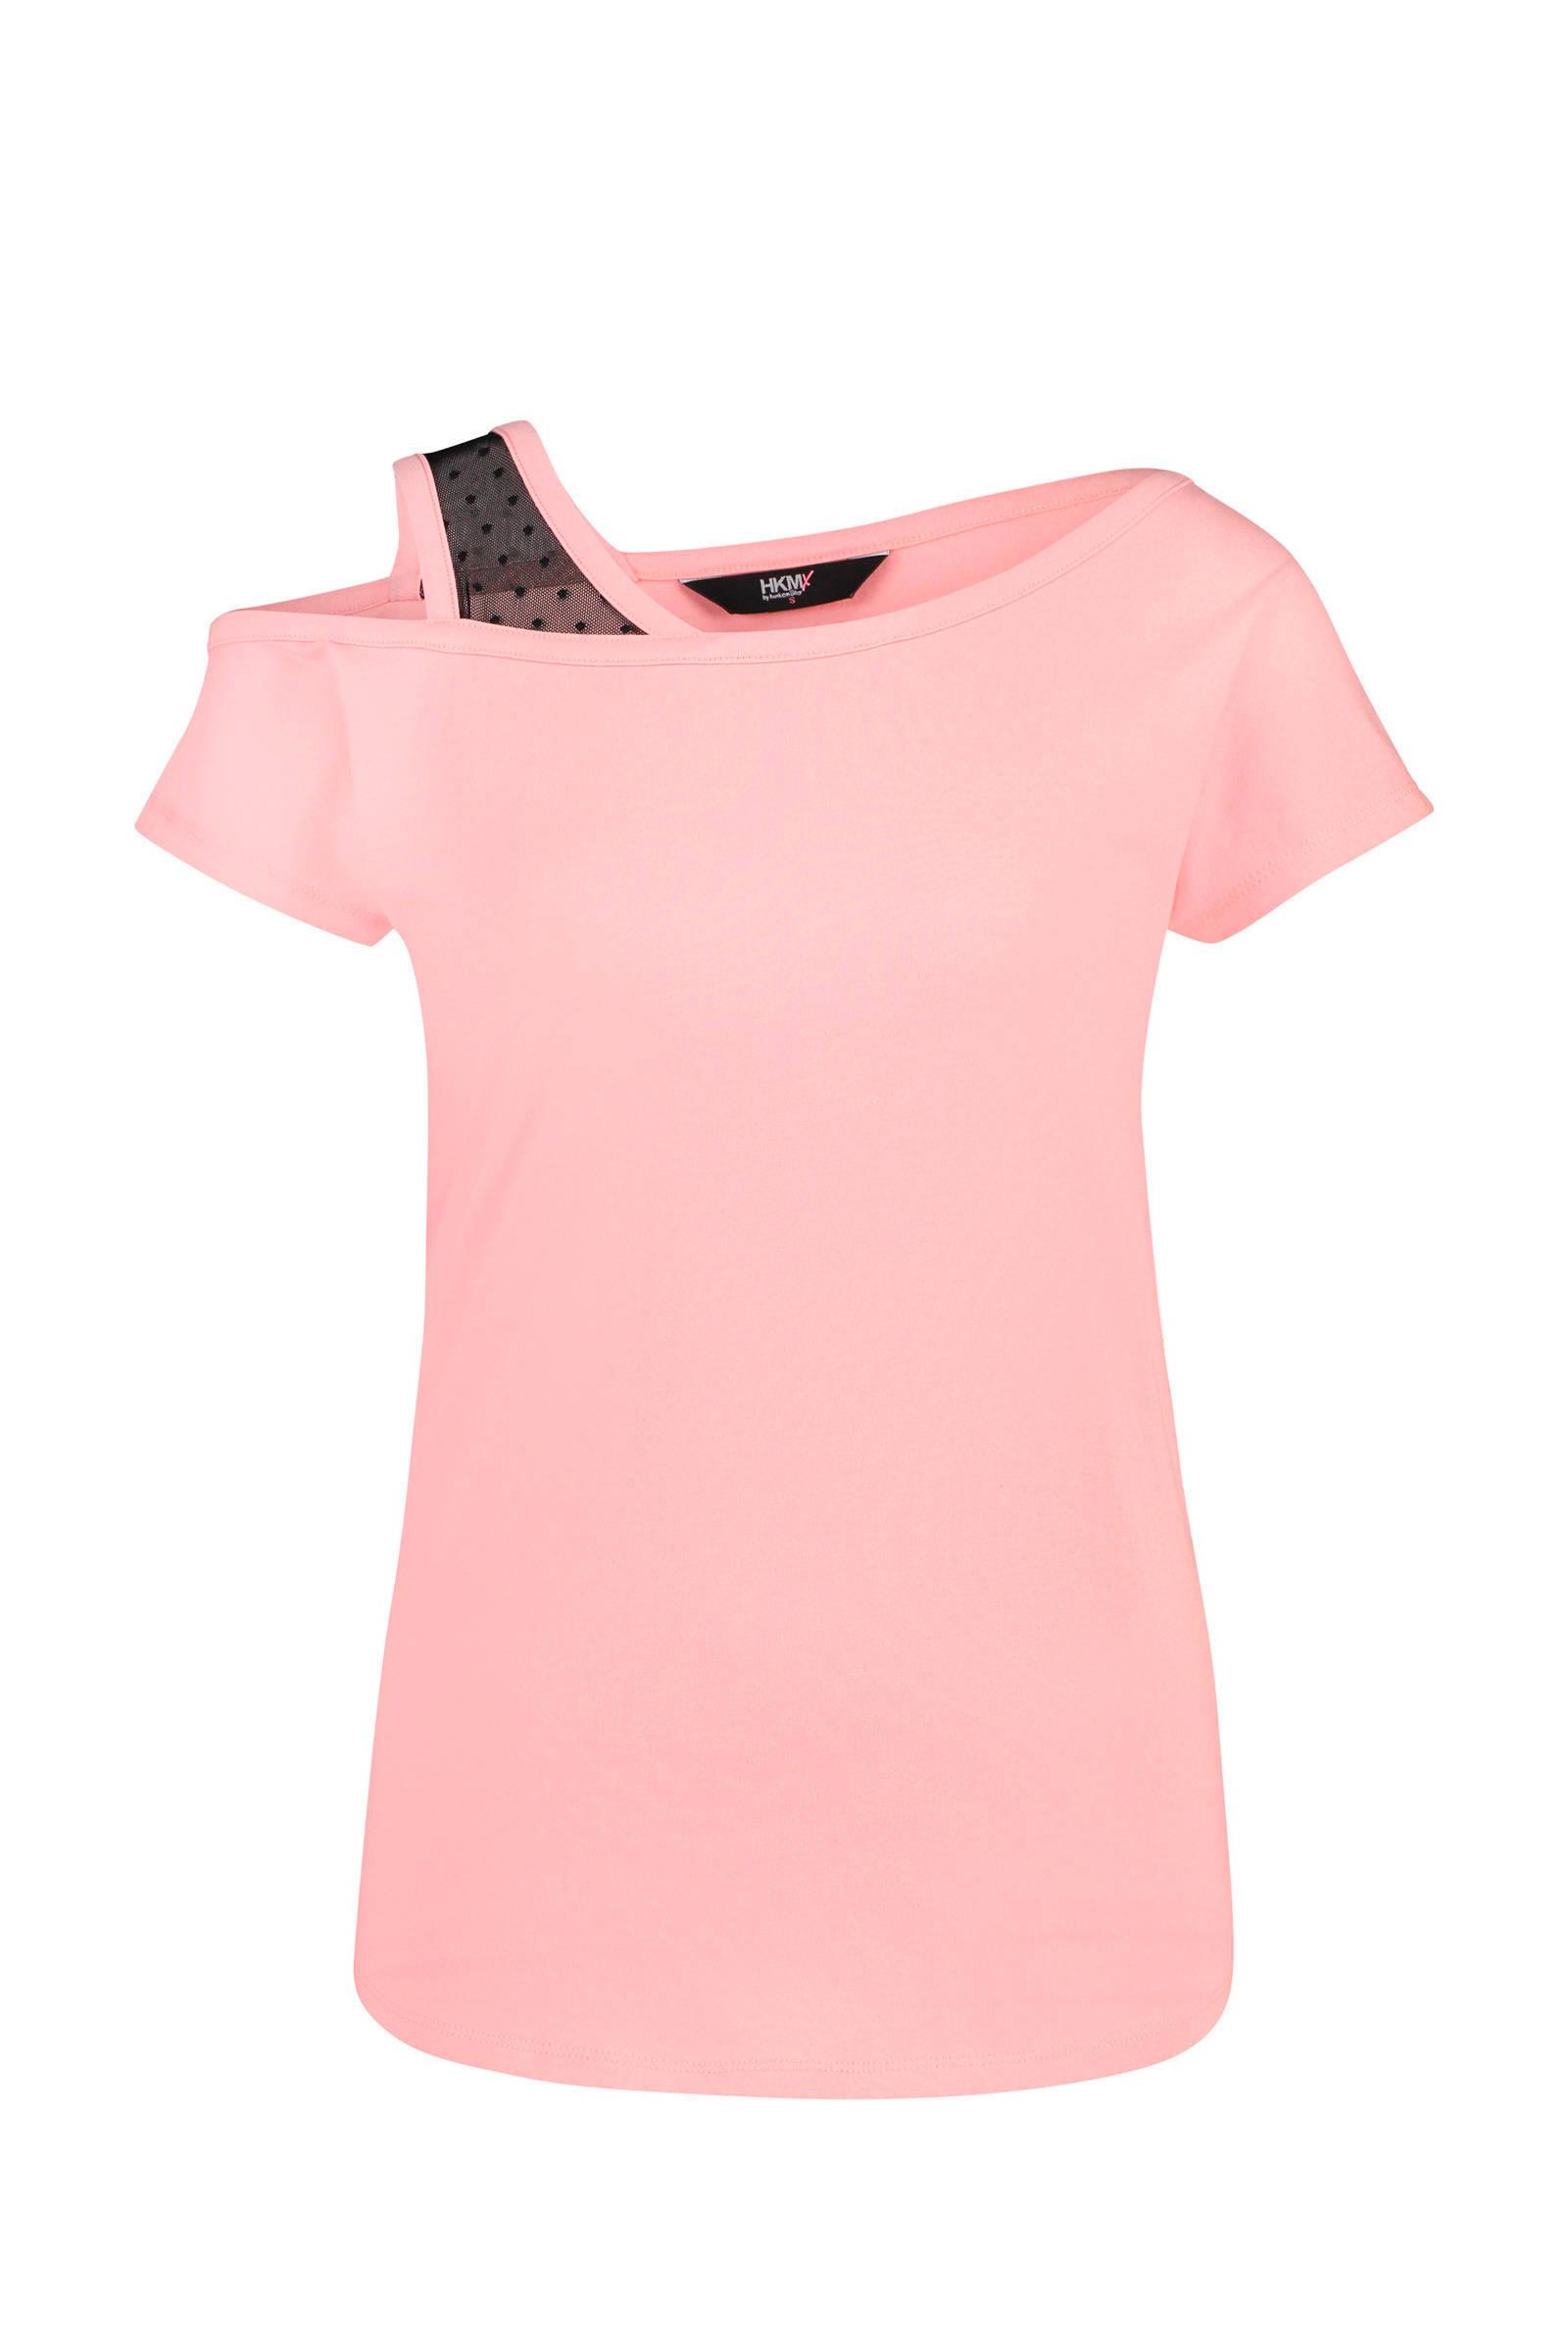 Hunkemöller HKMX sport T-shirt one shoulder roze (dames)